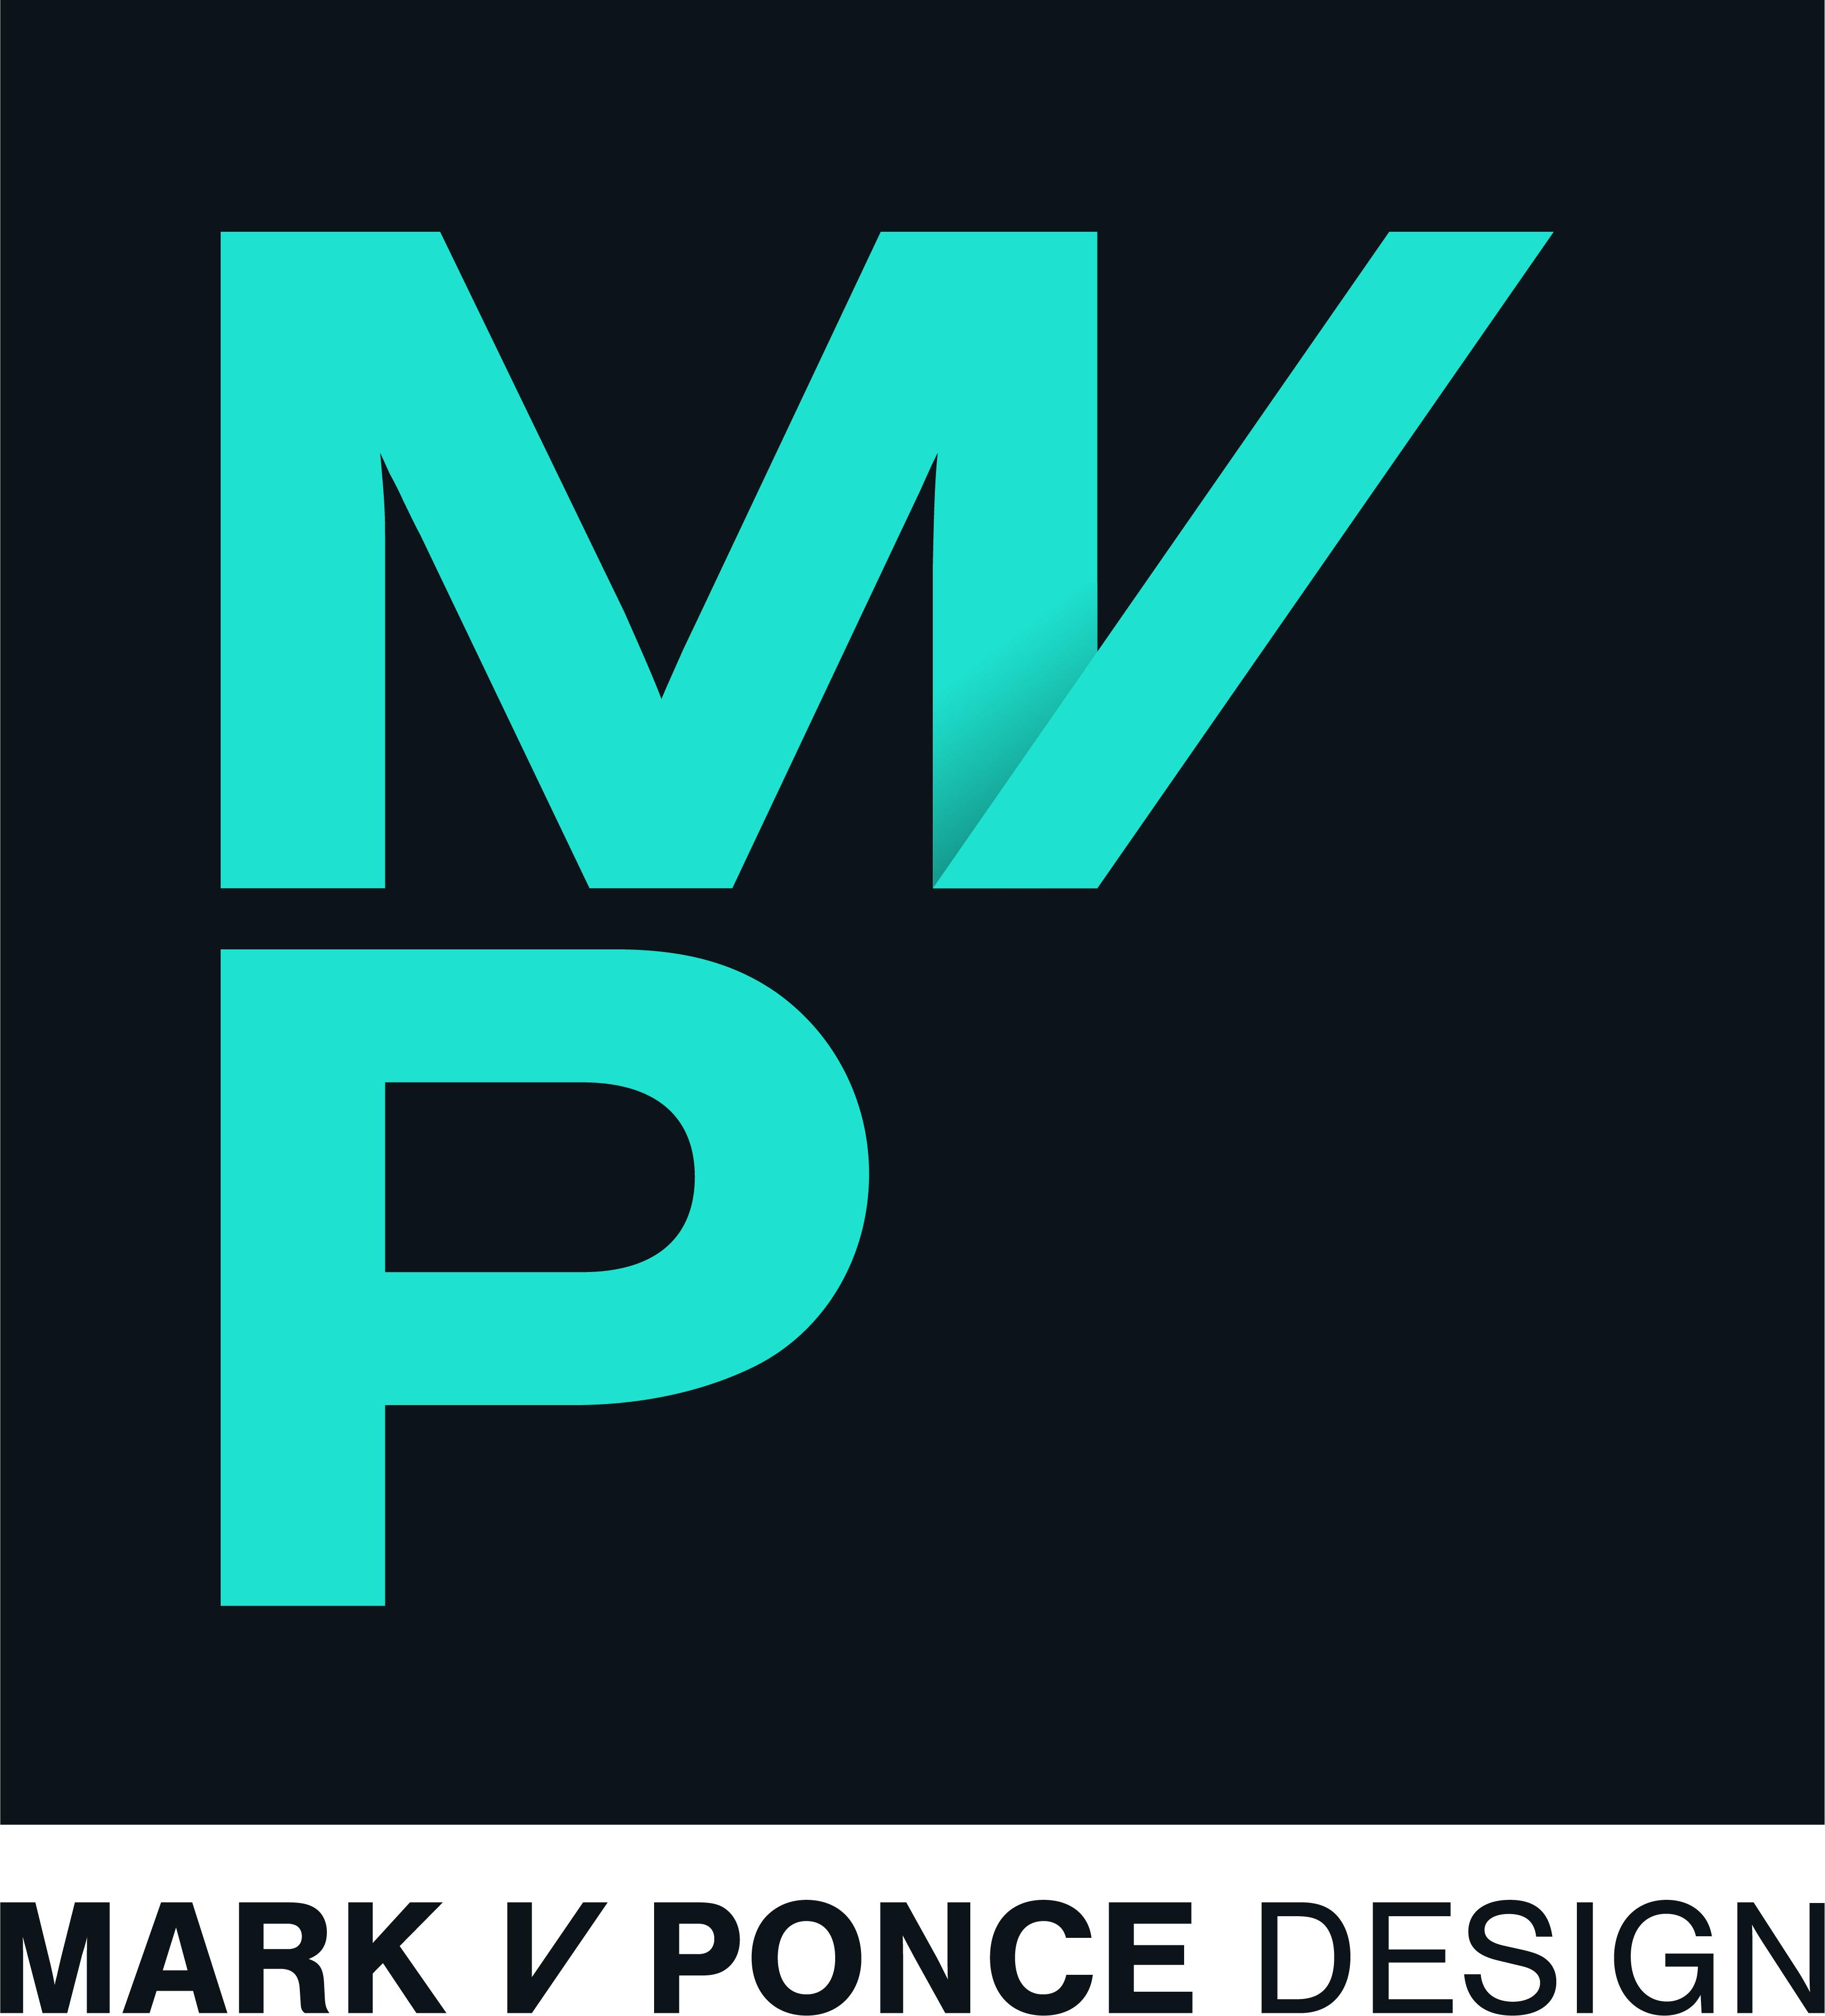 Mark V Ponce Design